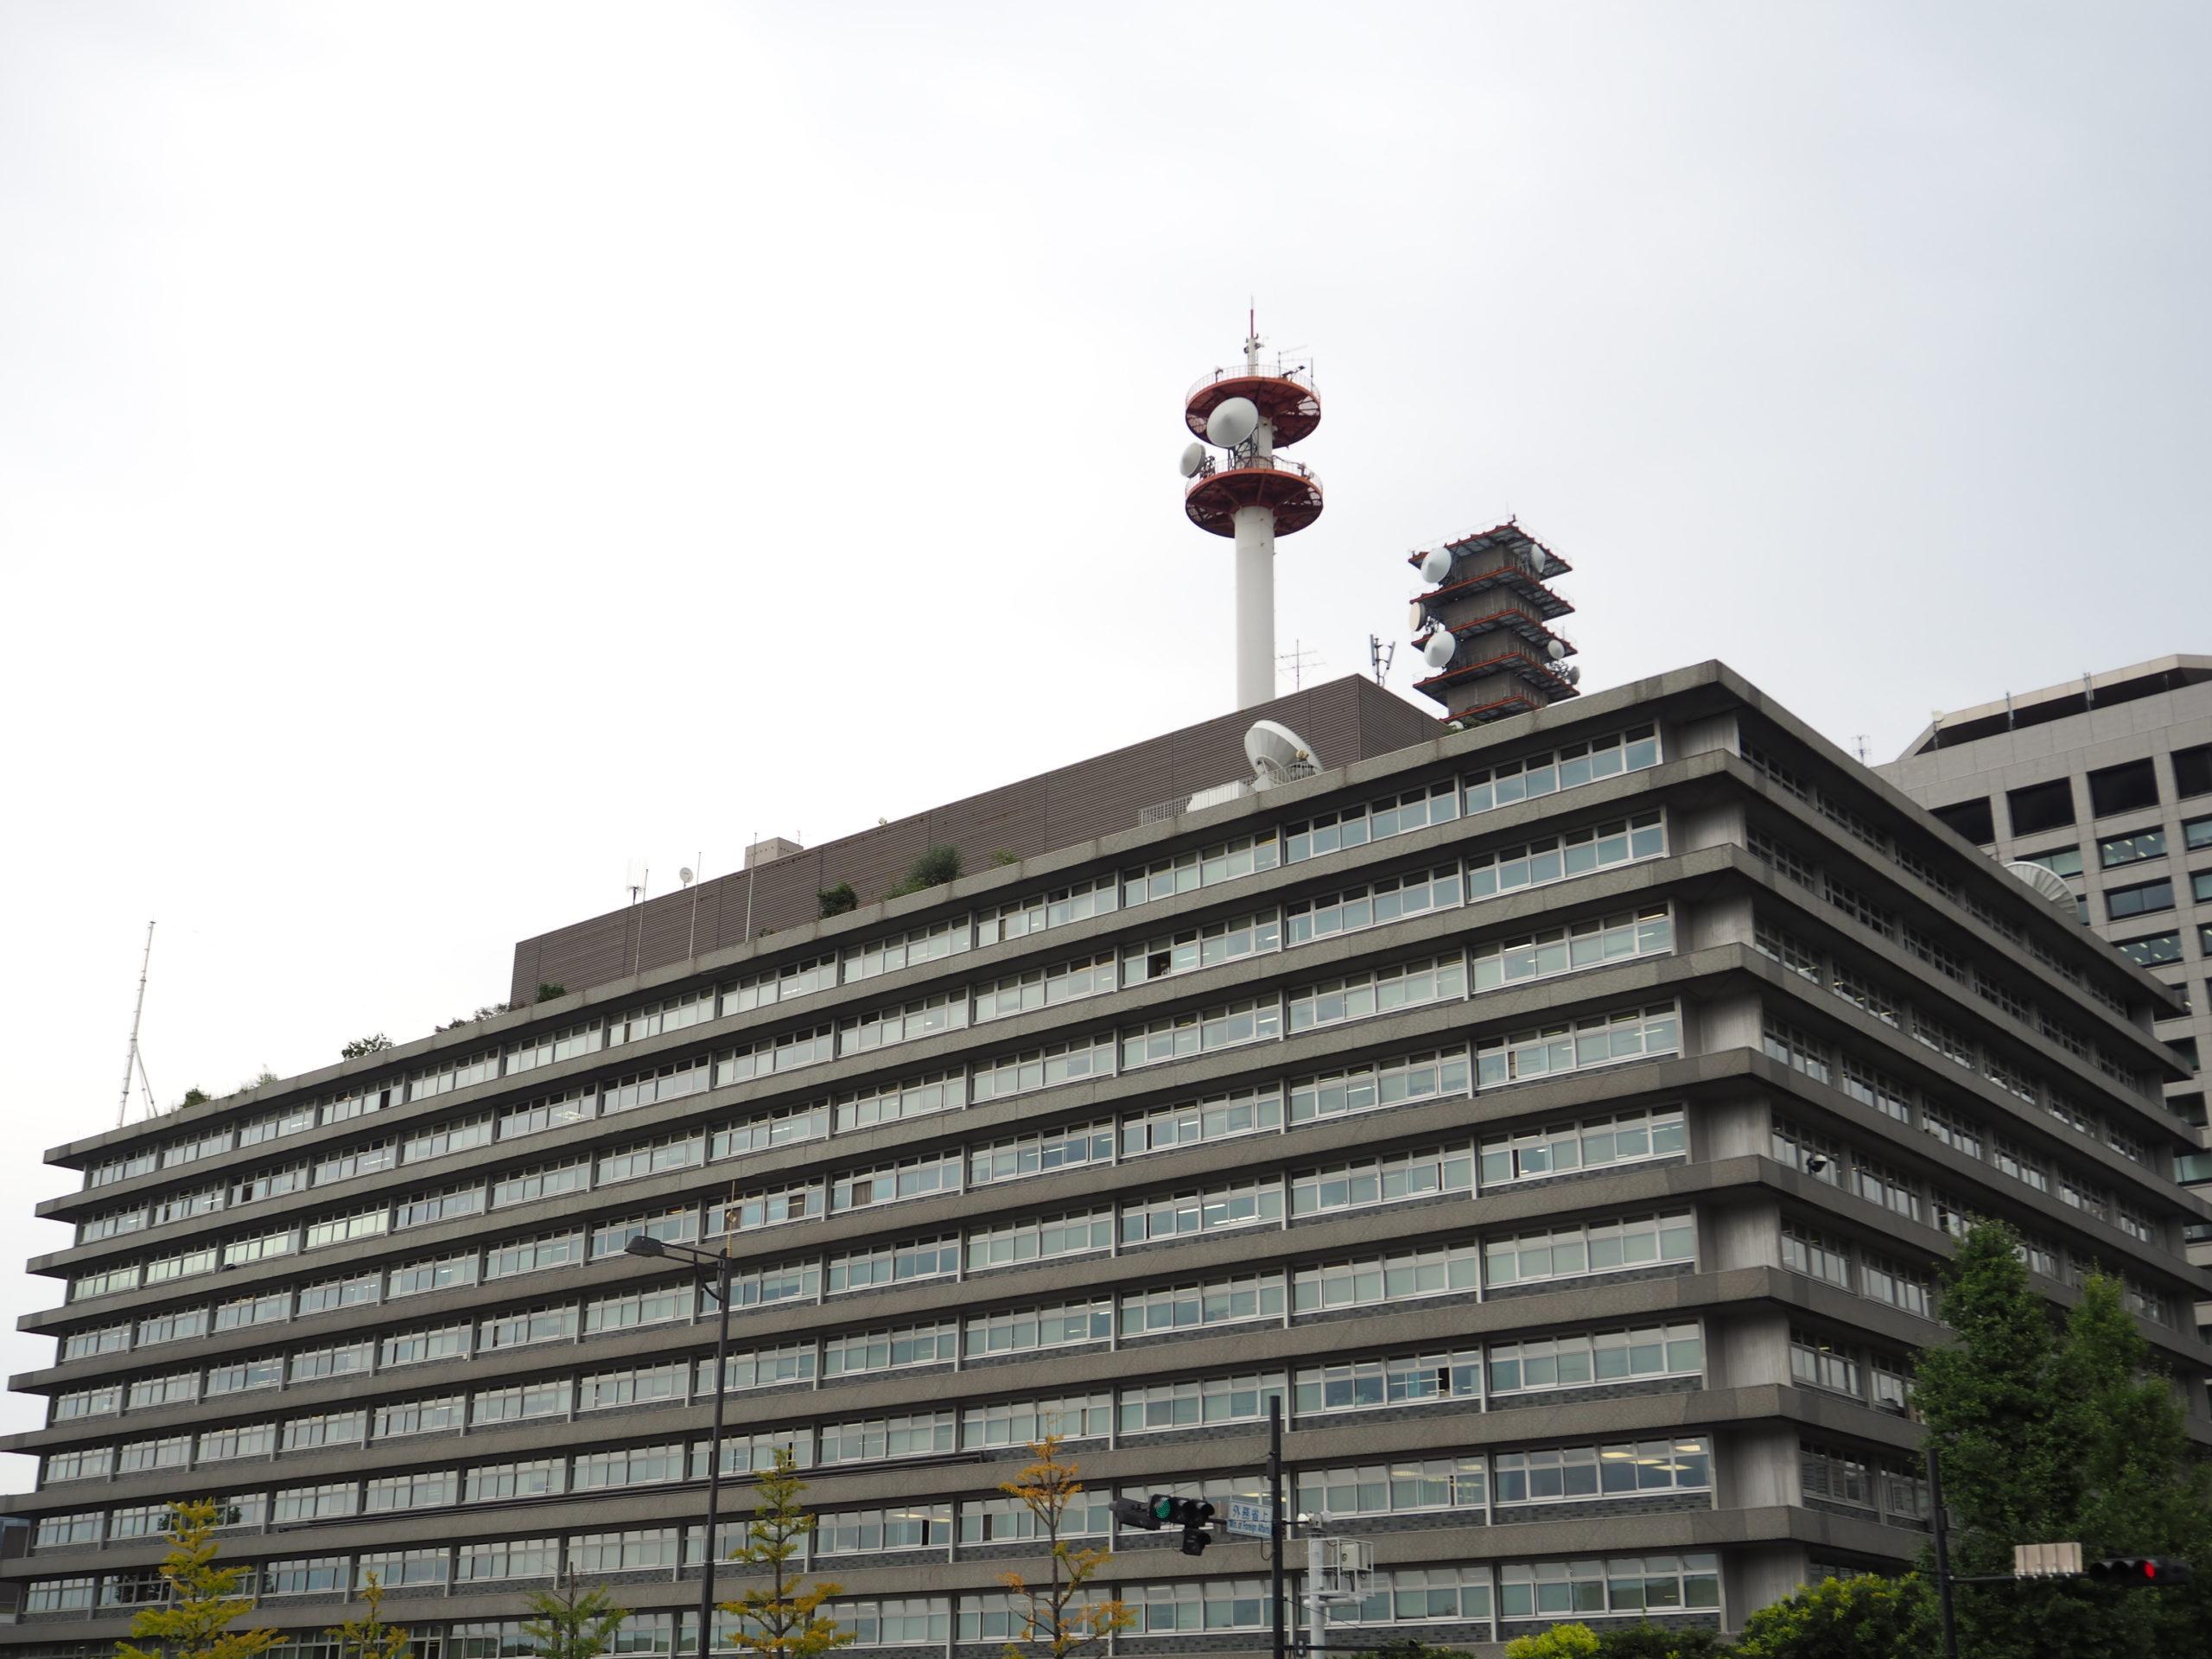 宅建業免許の電子申請システム構築へ<br>─国交省、コロナを機に21年度検討開始